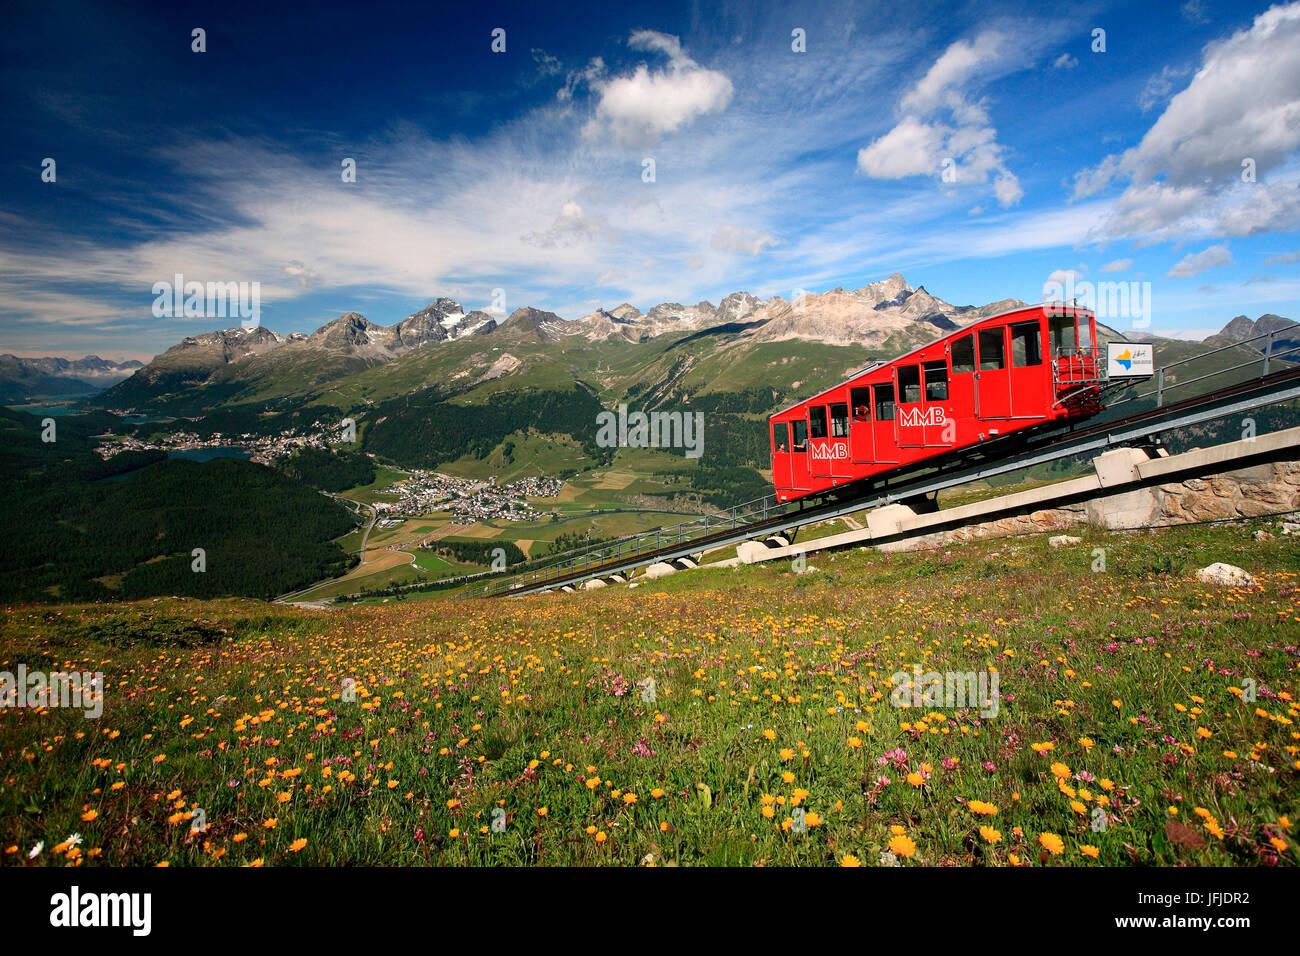 Muottas Muragl (2, 454 m) ist ein Ort, an den südlichen Hängen des Blais da Muottas (2, 568 m), ein Gipfel Stockbild